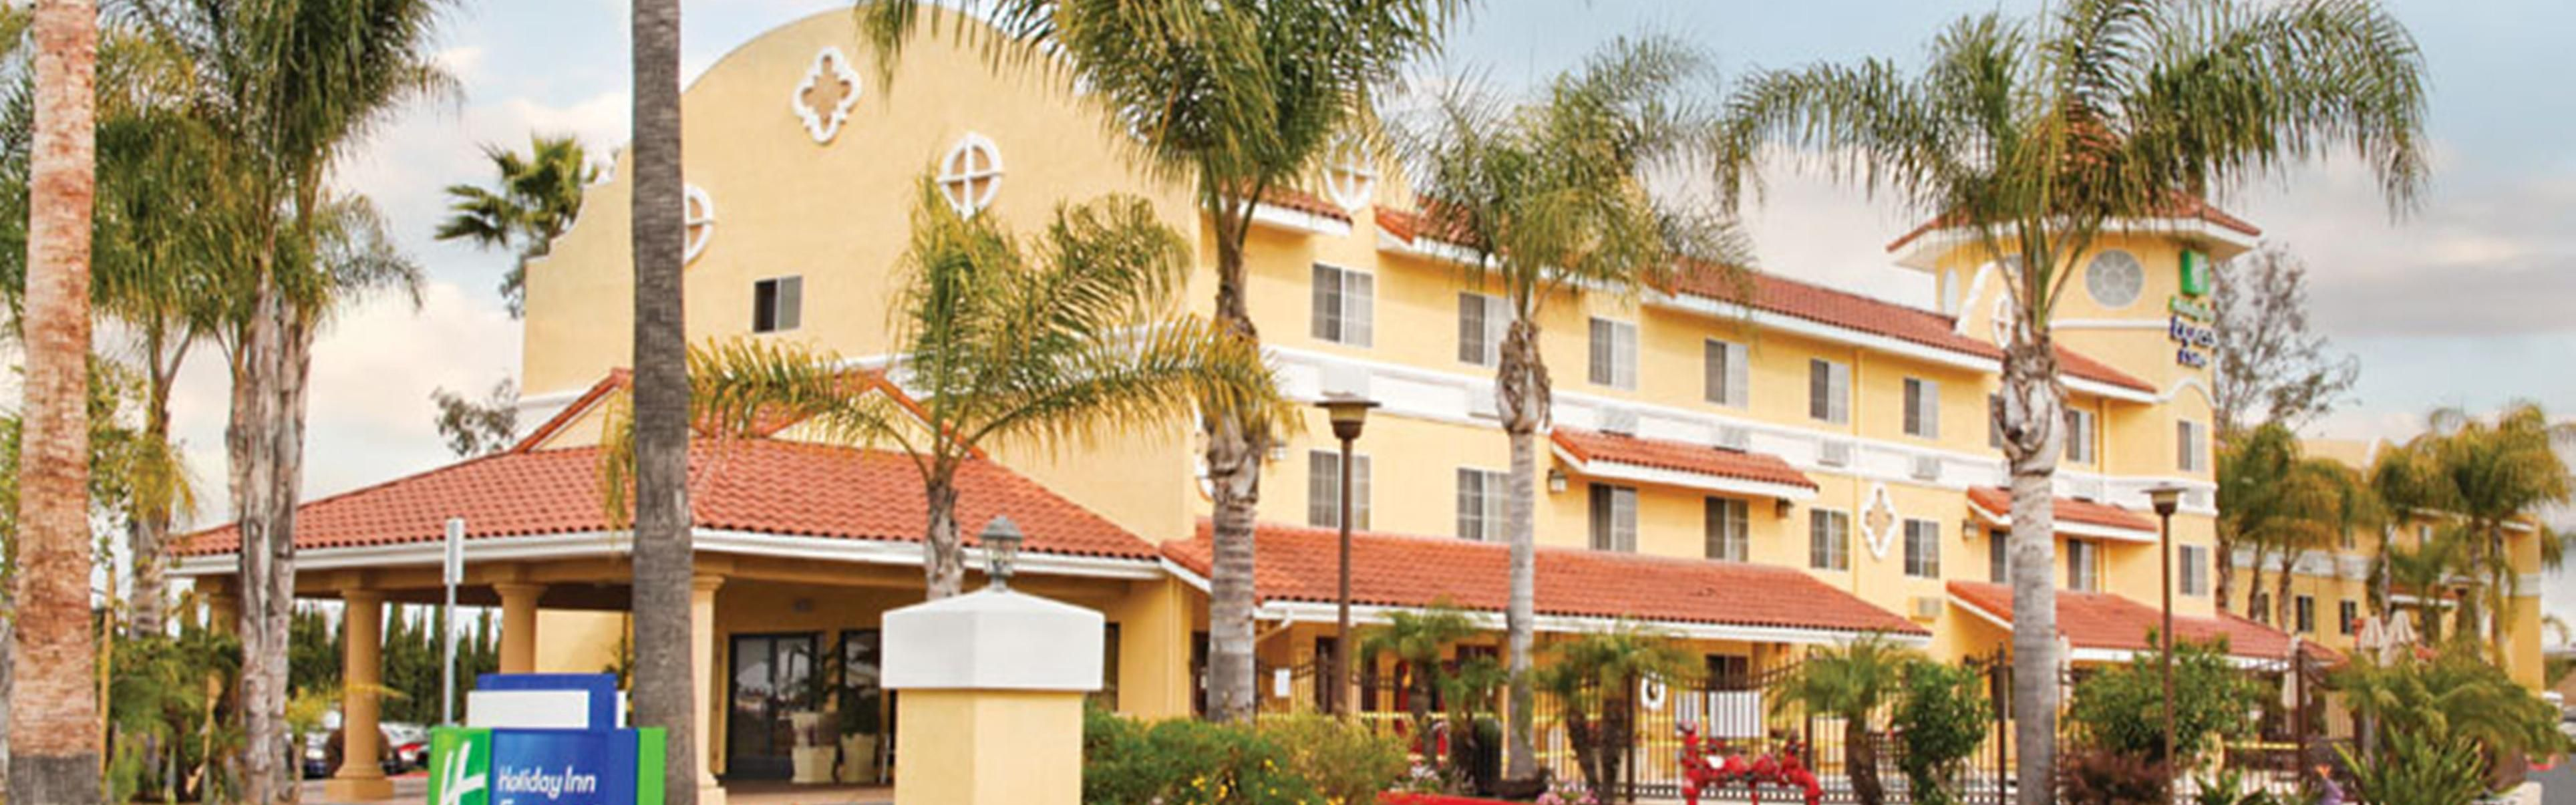 Holiday Inn Express Escondido